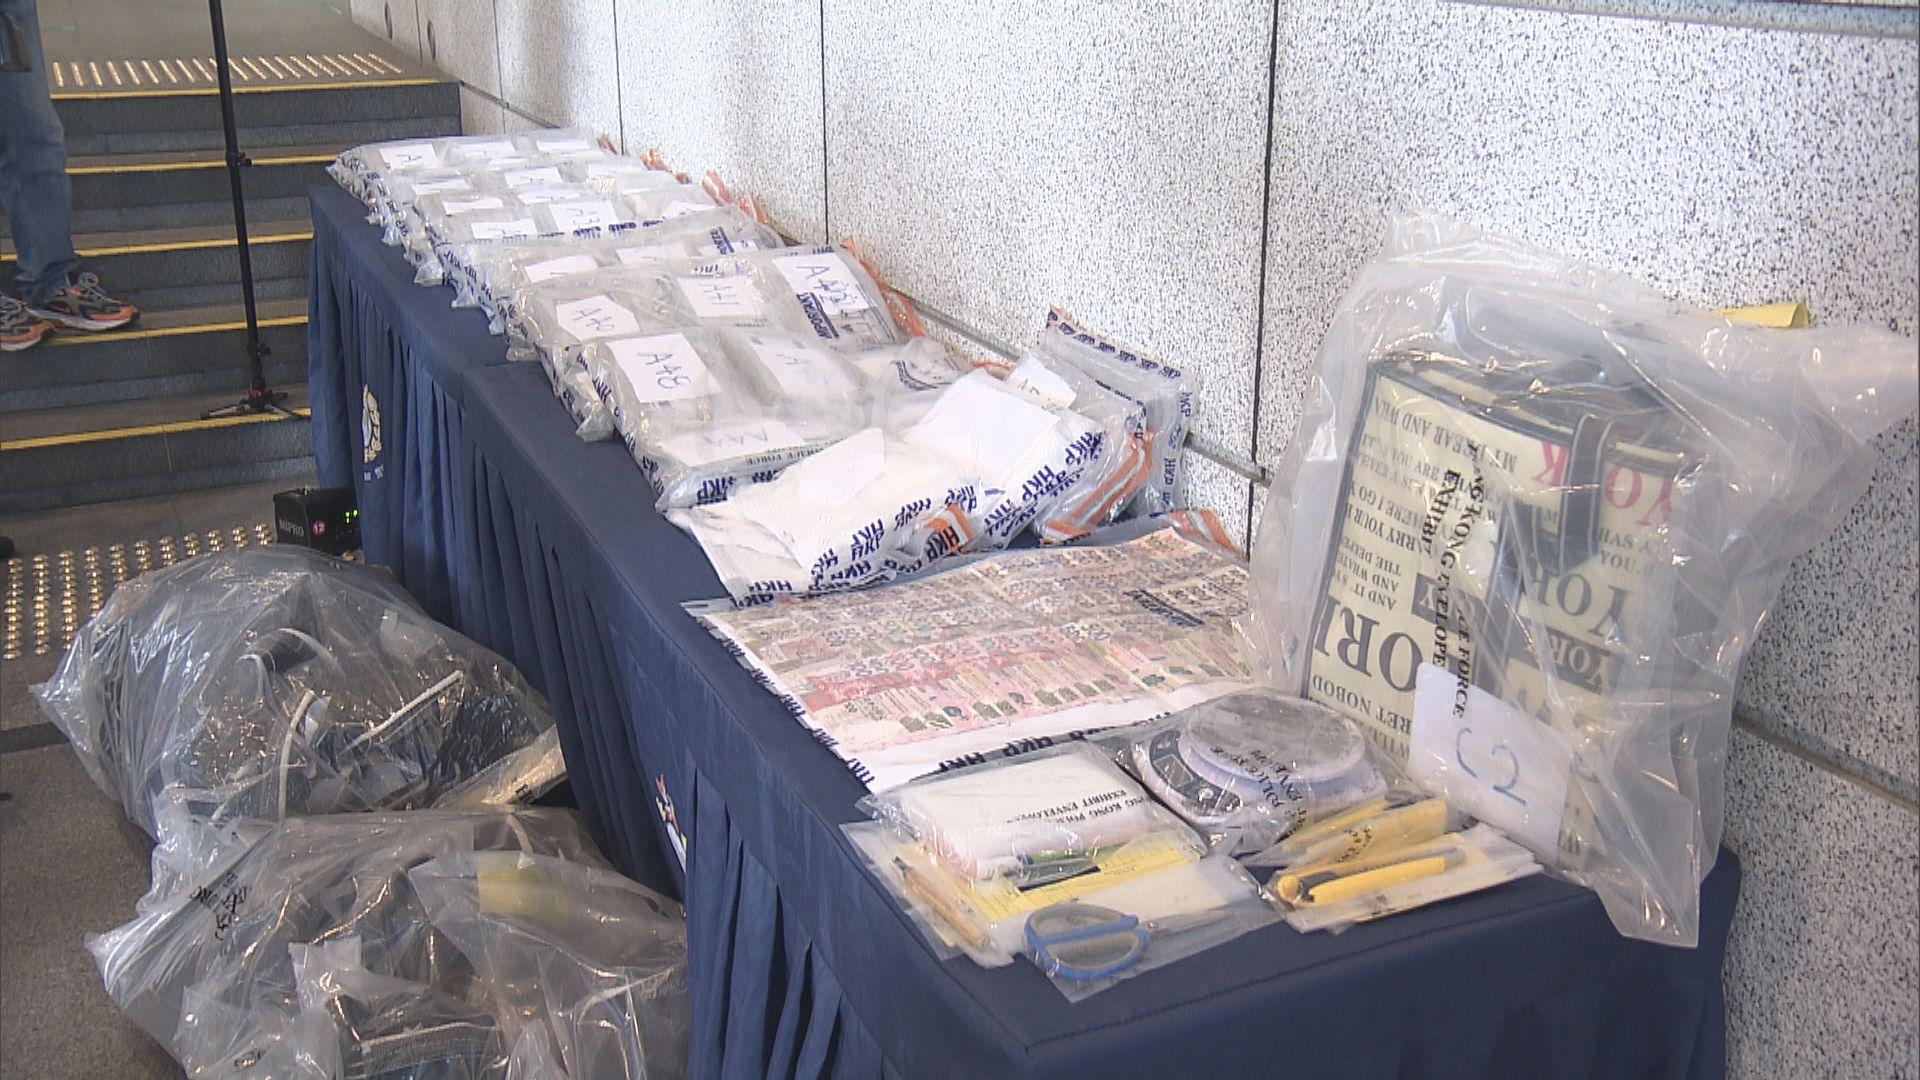 警方拘一名男子涉販毒檢約7500萬元懷疑可卡因